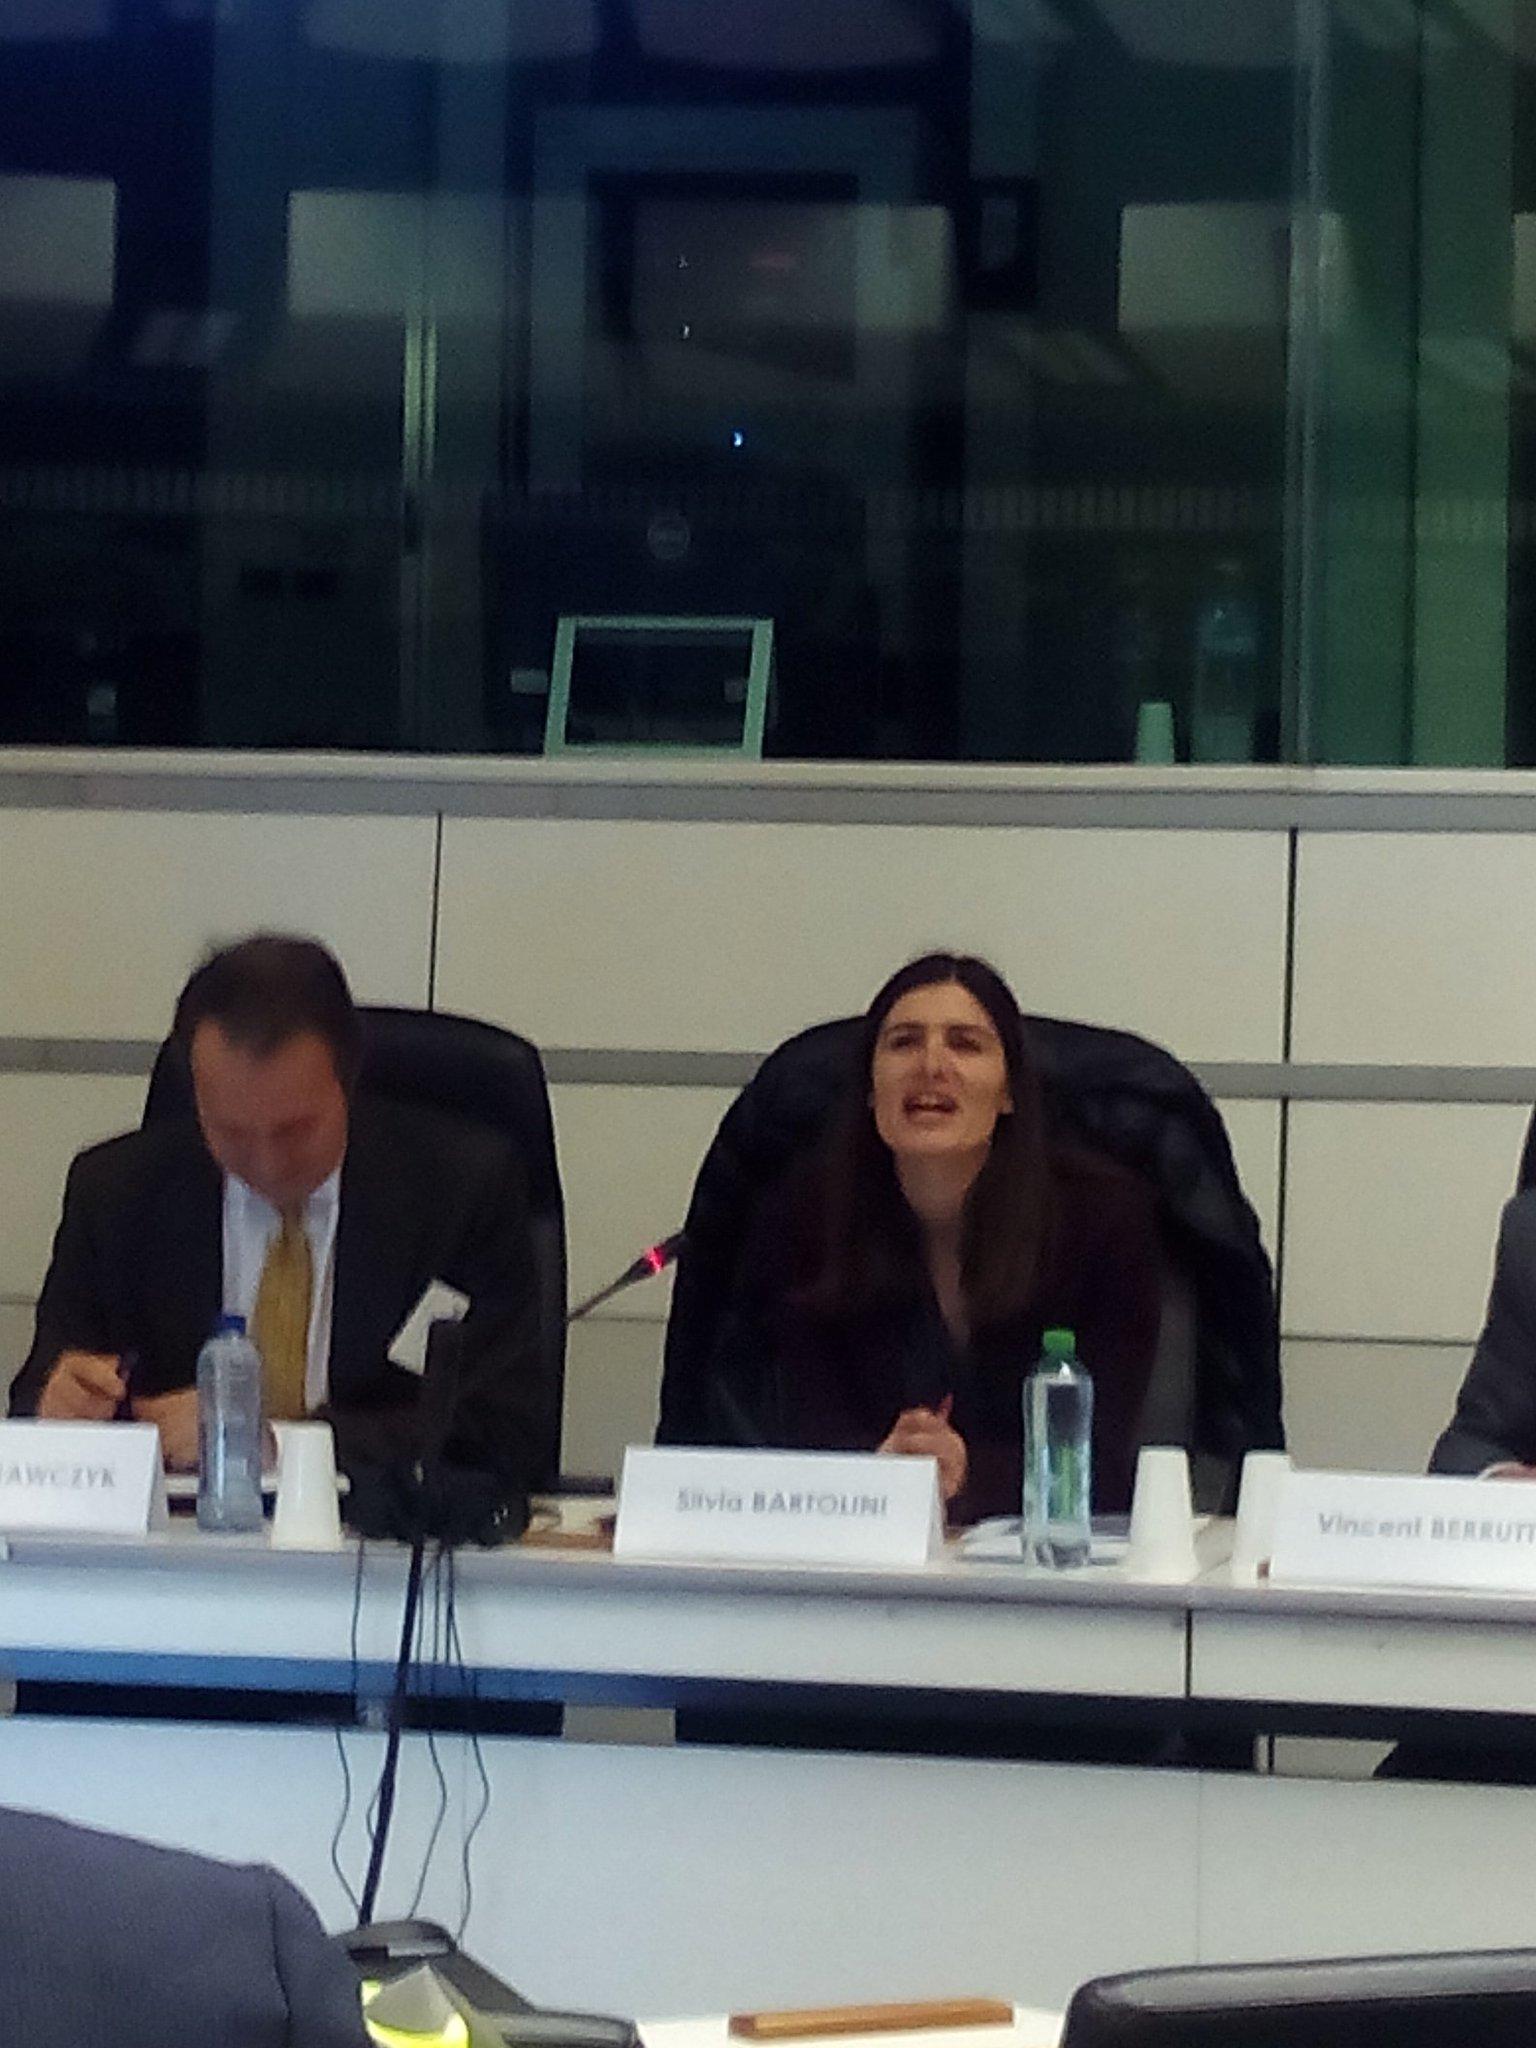 Por cada euro q se invierte en eficiencia energética se recibe un retorno de entre 20 y 30€. Silvia Bartolini. @camarazaragoza  en #STEEEP https://t.co/nf5DJjMj8u